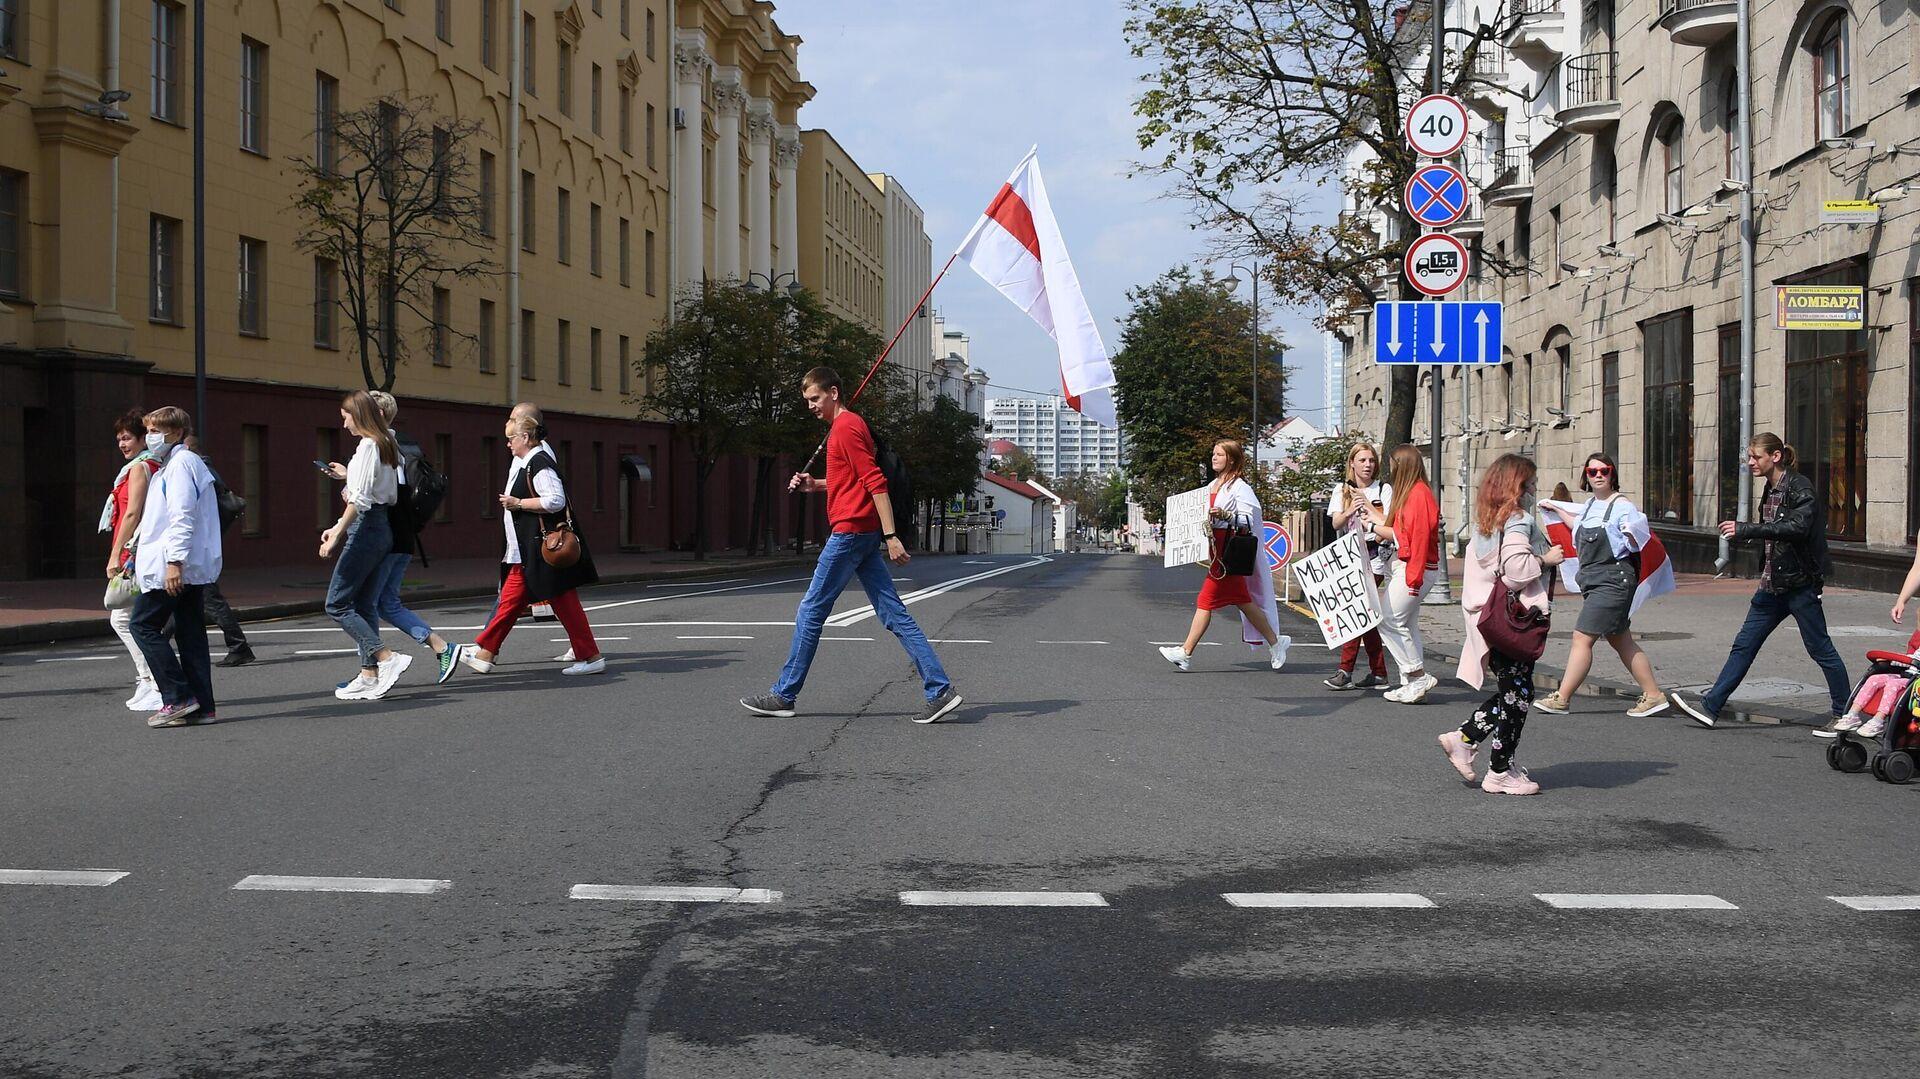 Протестующие в Минске вплотную подошли к кордону правоохранителей